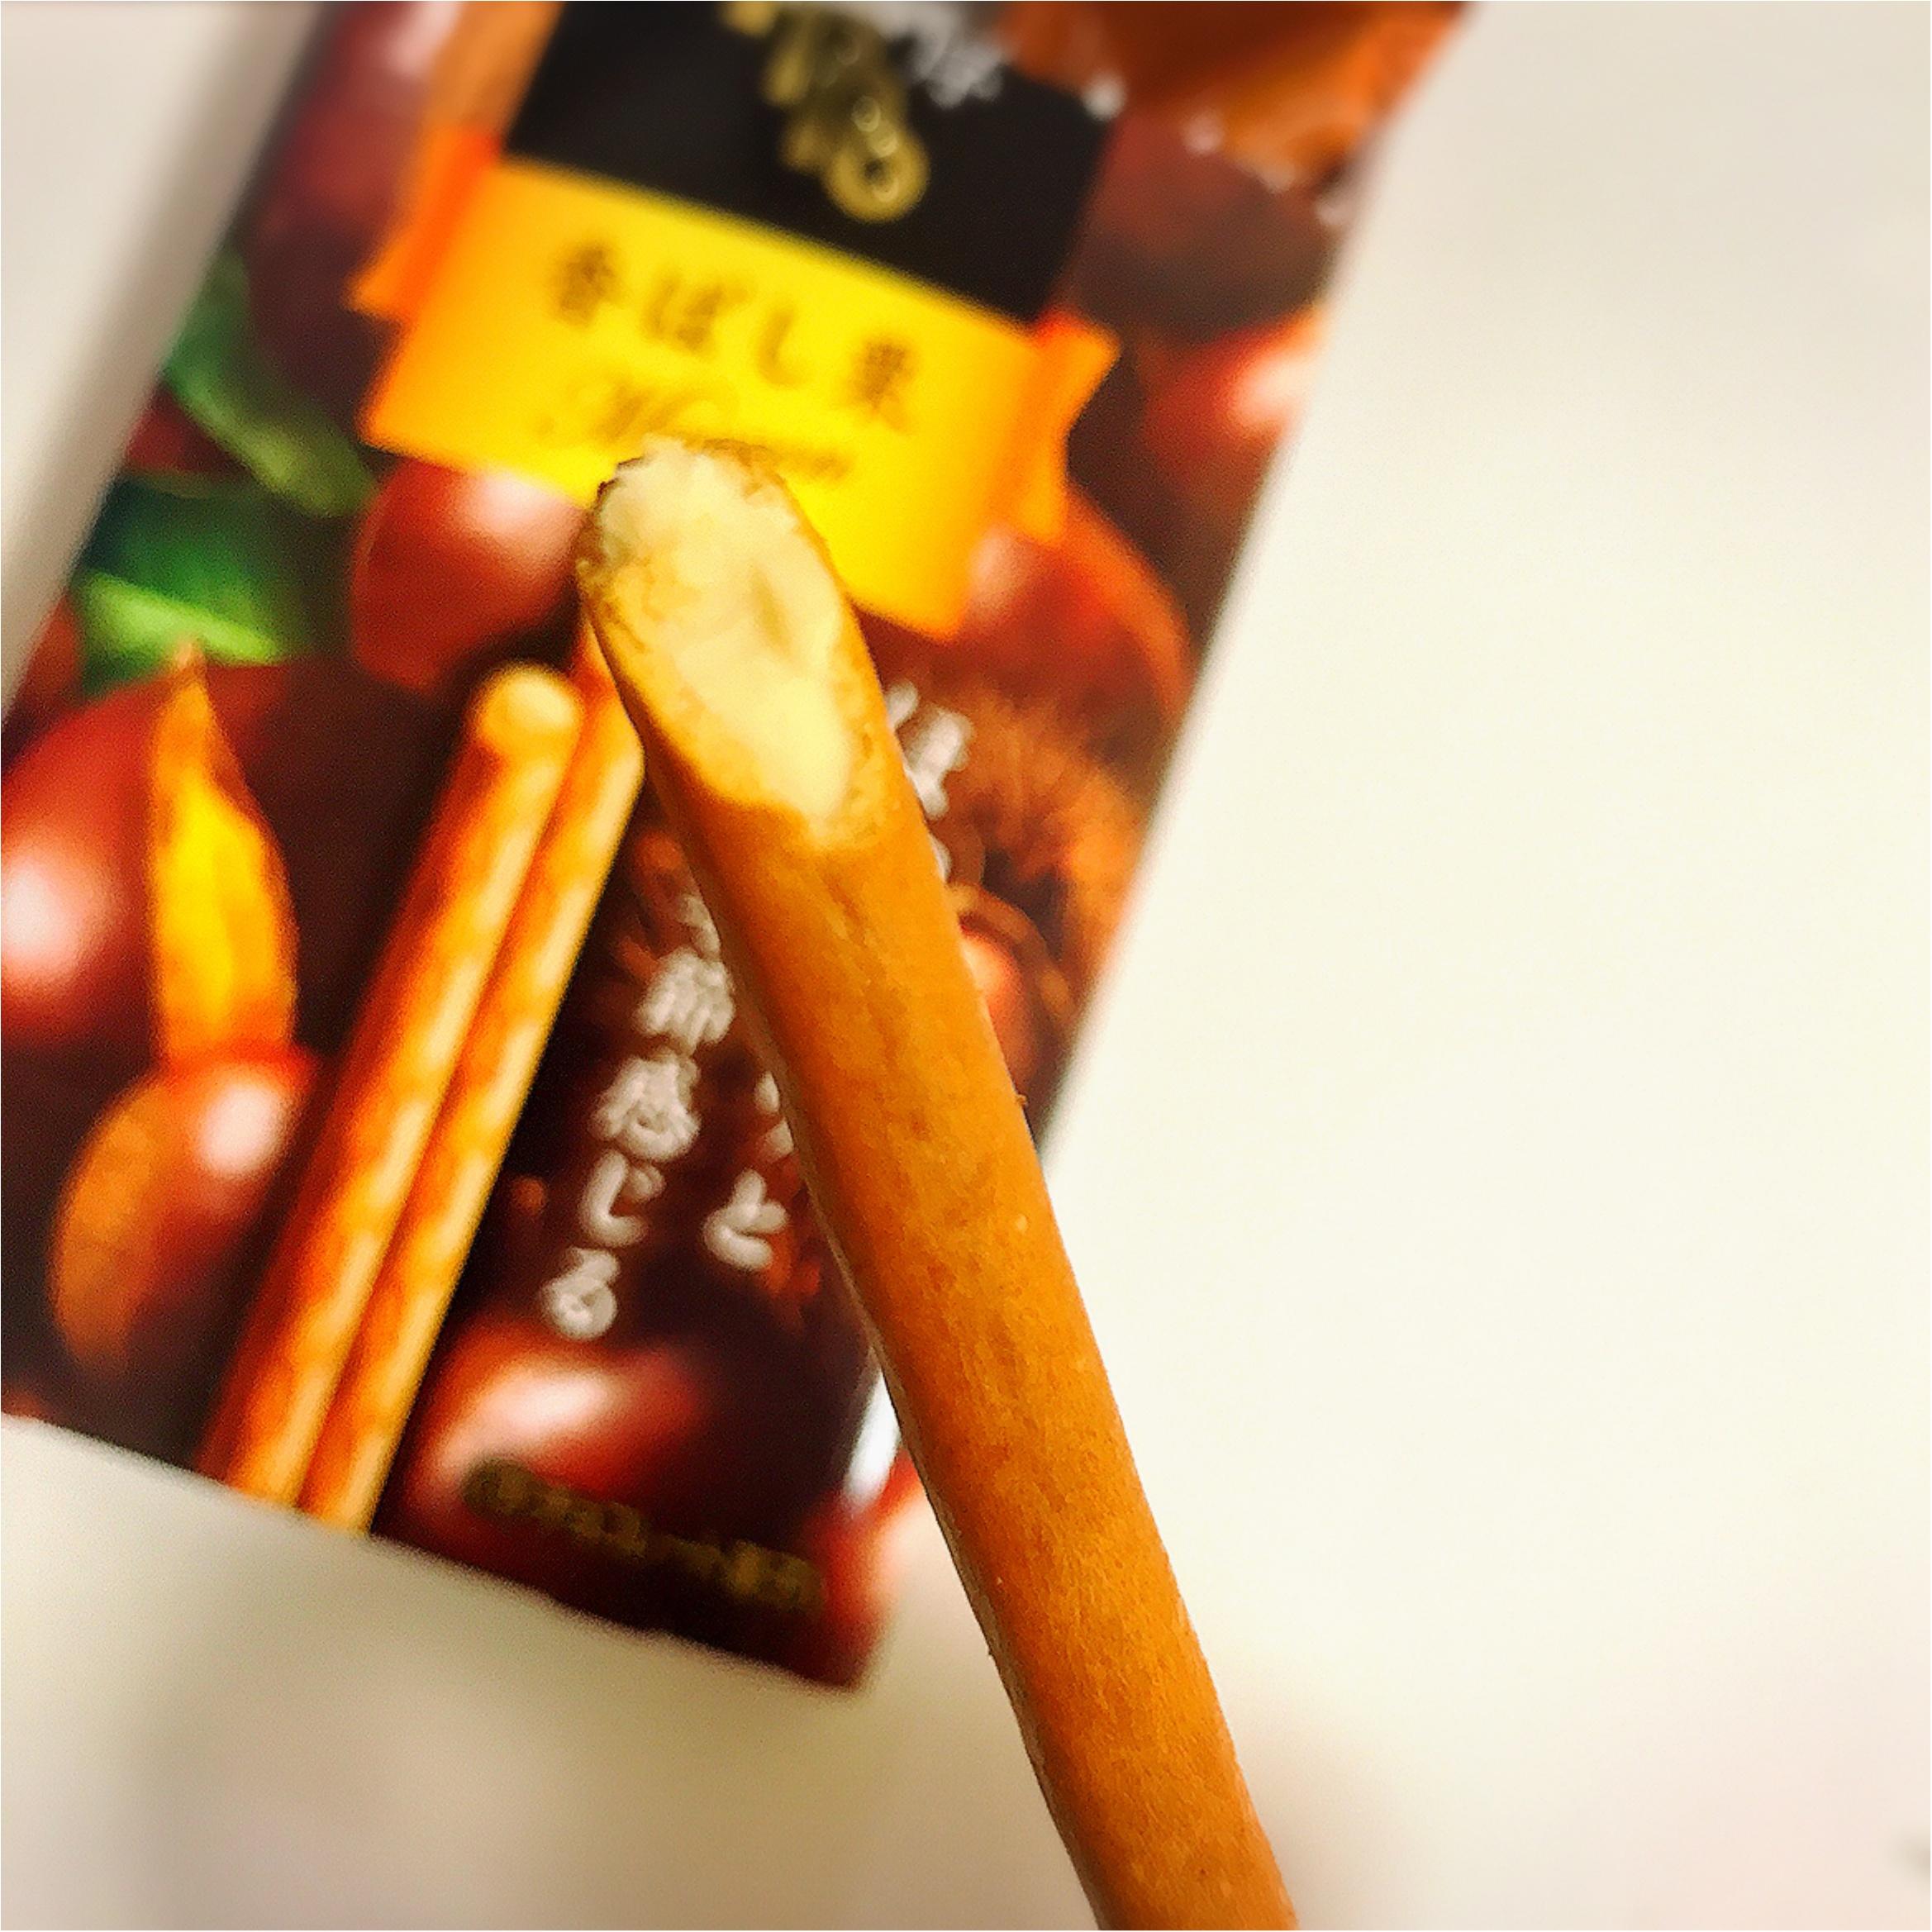 コンビニお菓子で秋を先取りっ!【味わい濃厚Toppo〈香ばし栗〉】がおいしすぎる♡_2